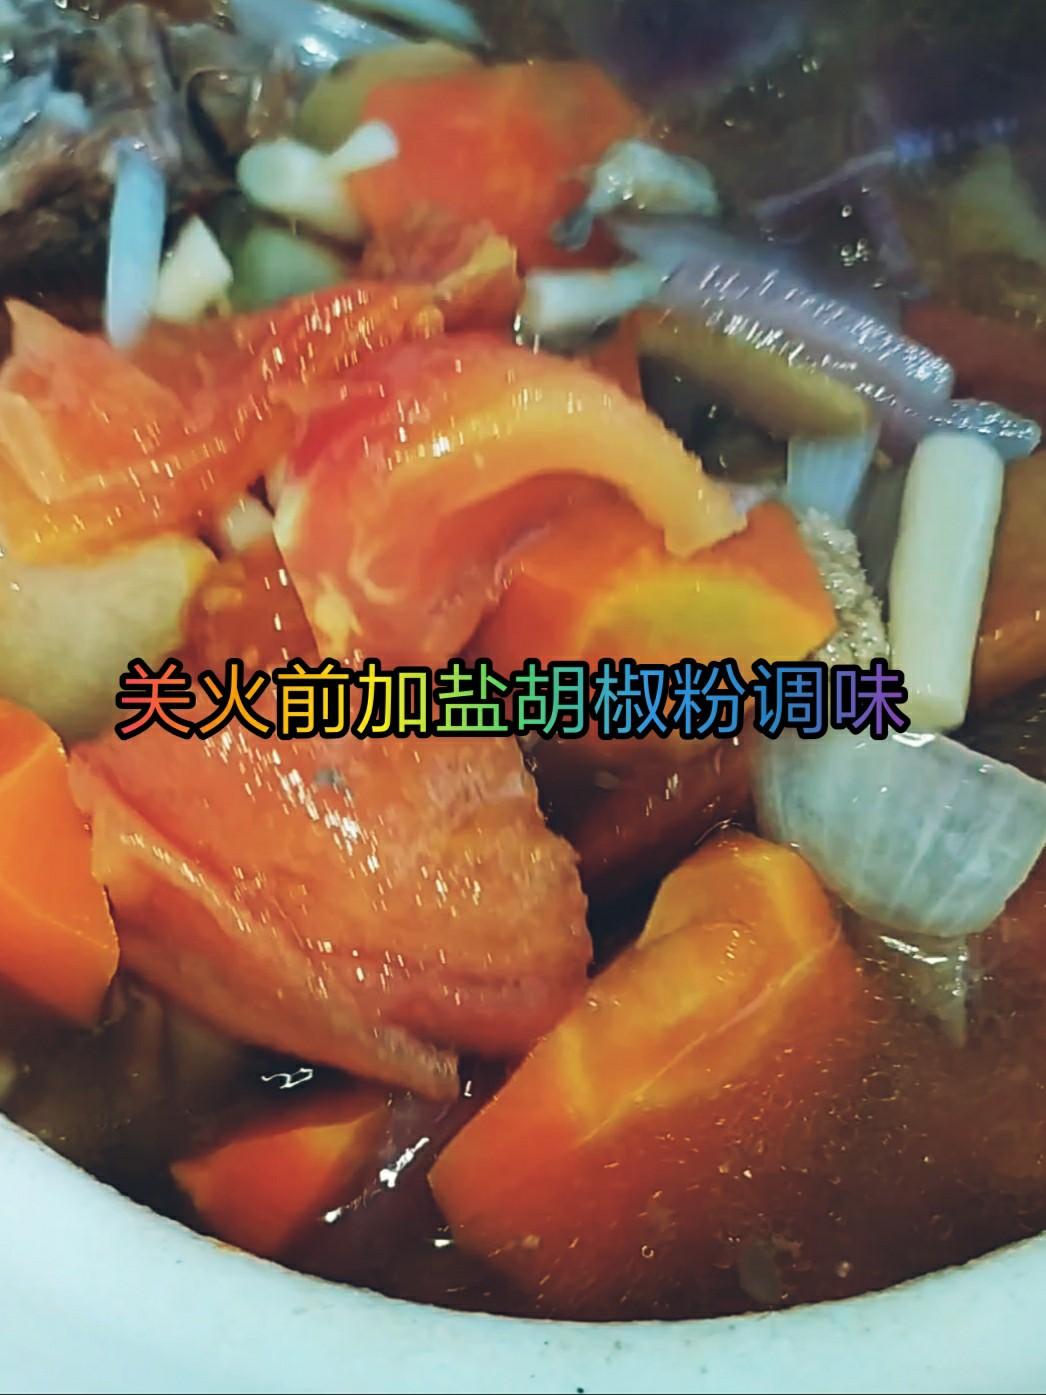 鲜香暖胃的胡萝卜炖羊蝎子~0~选对肉——吃肉也能吃得清淡怎么炖